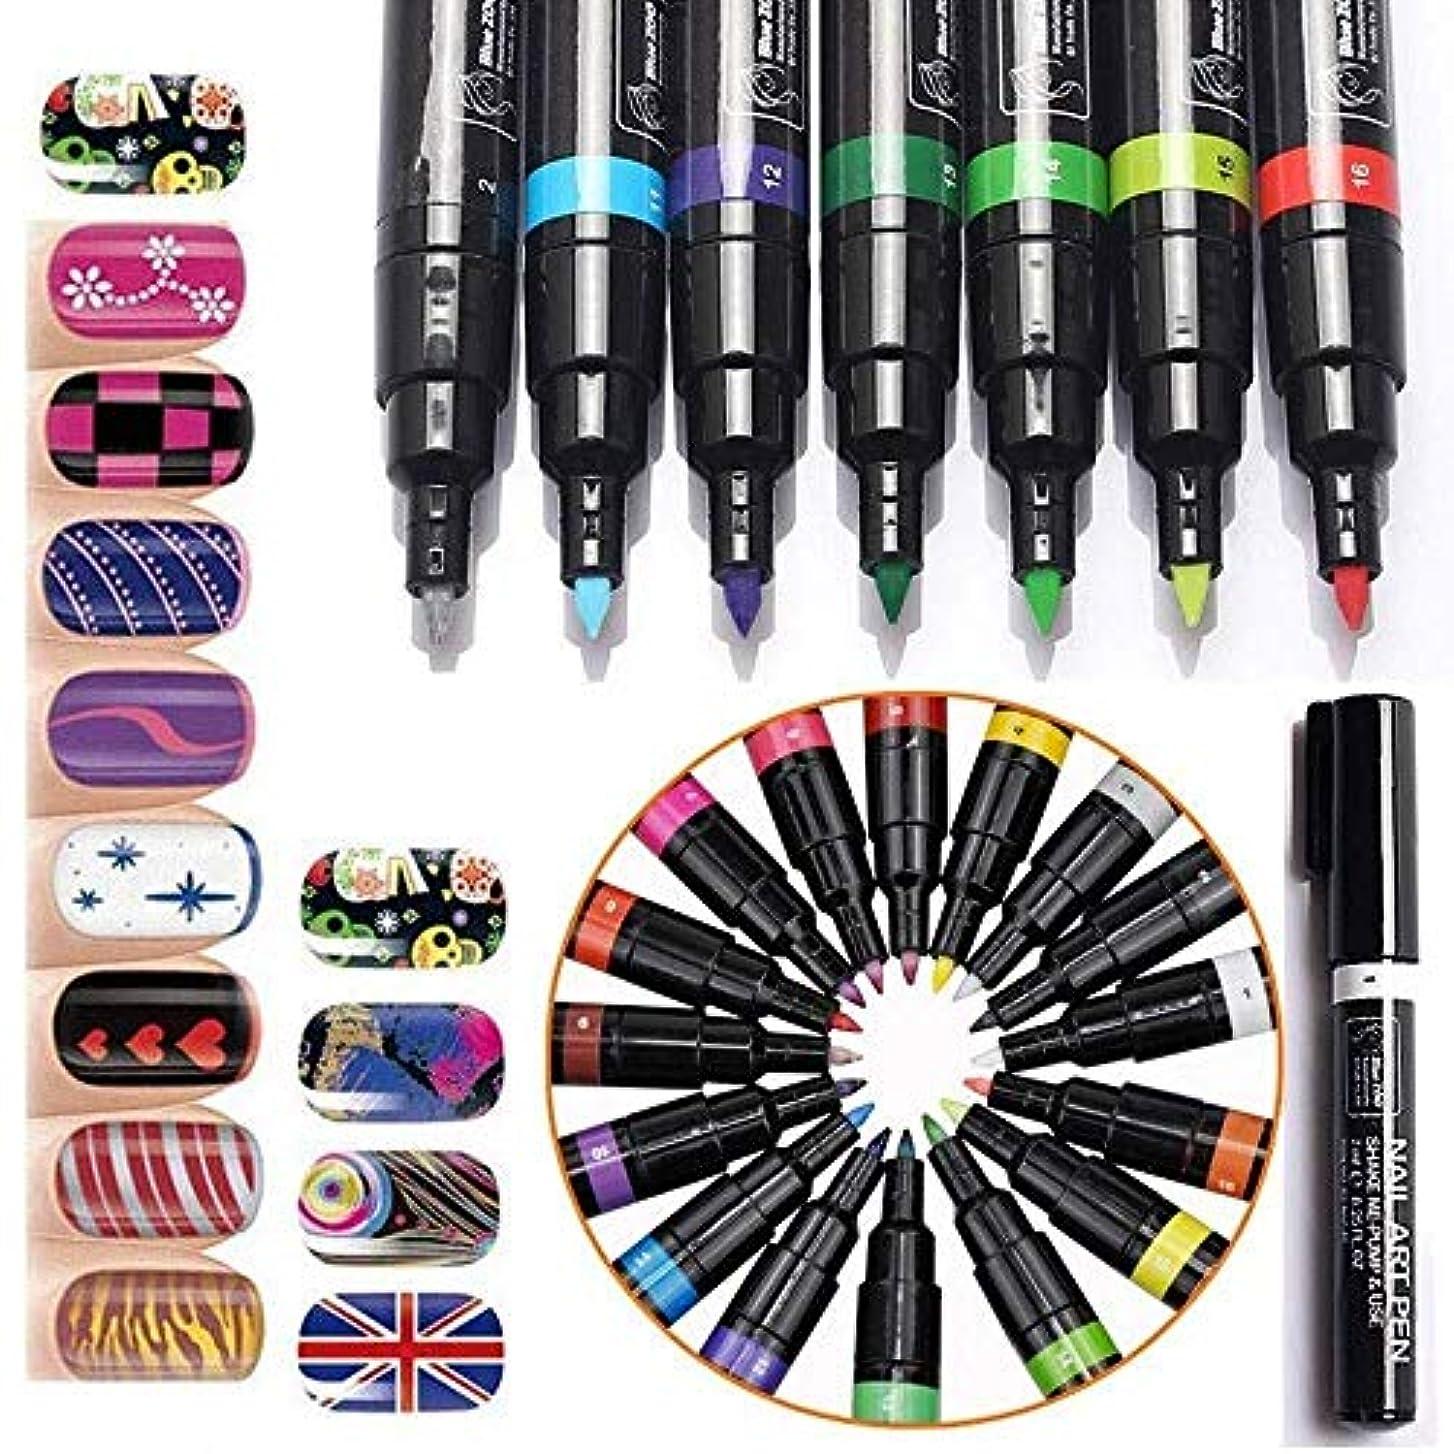 休日応用幹カラー ネイルアートペン 3Dネイルペン ネイルアートペン ネイルマニキュア液 ペイントペン ペイント DIY 16色 装飾図面ドットポリッシュペン セット